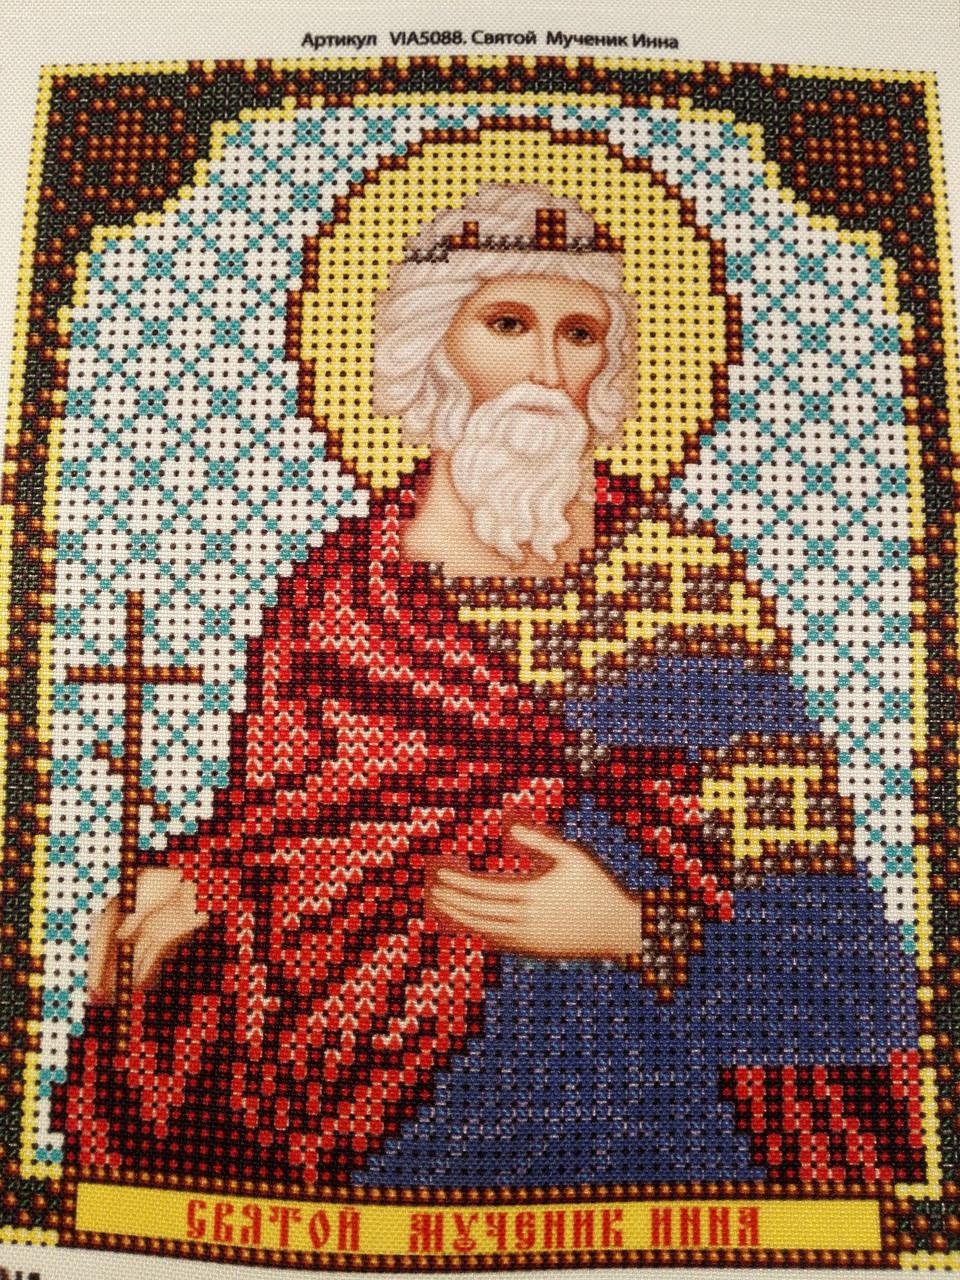 Набор для вышивки бисером икона Святой Мученик Инна VIA 5088